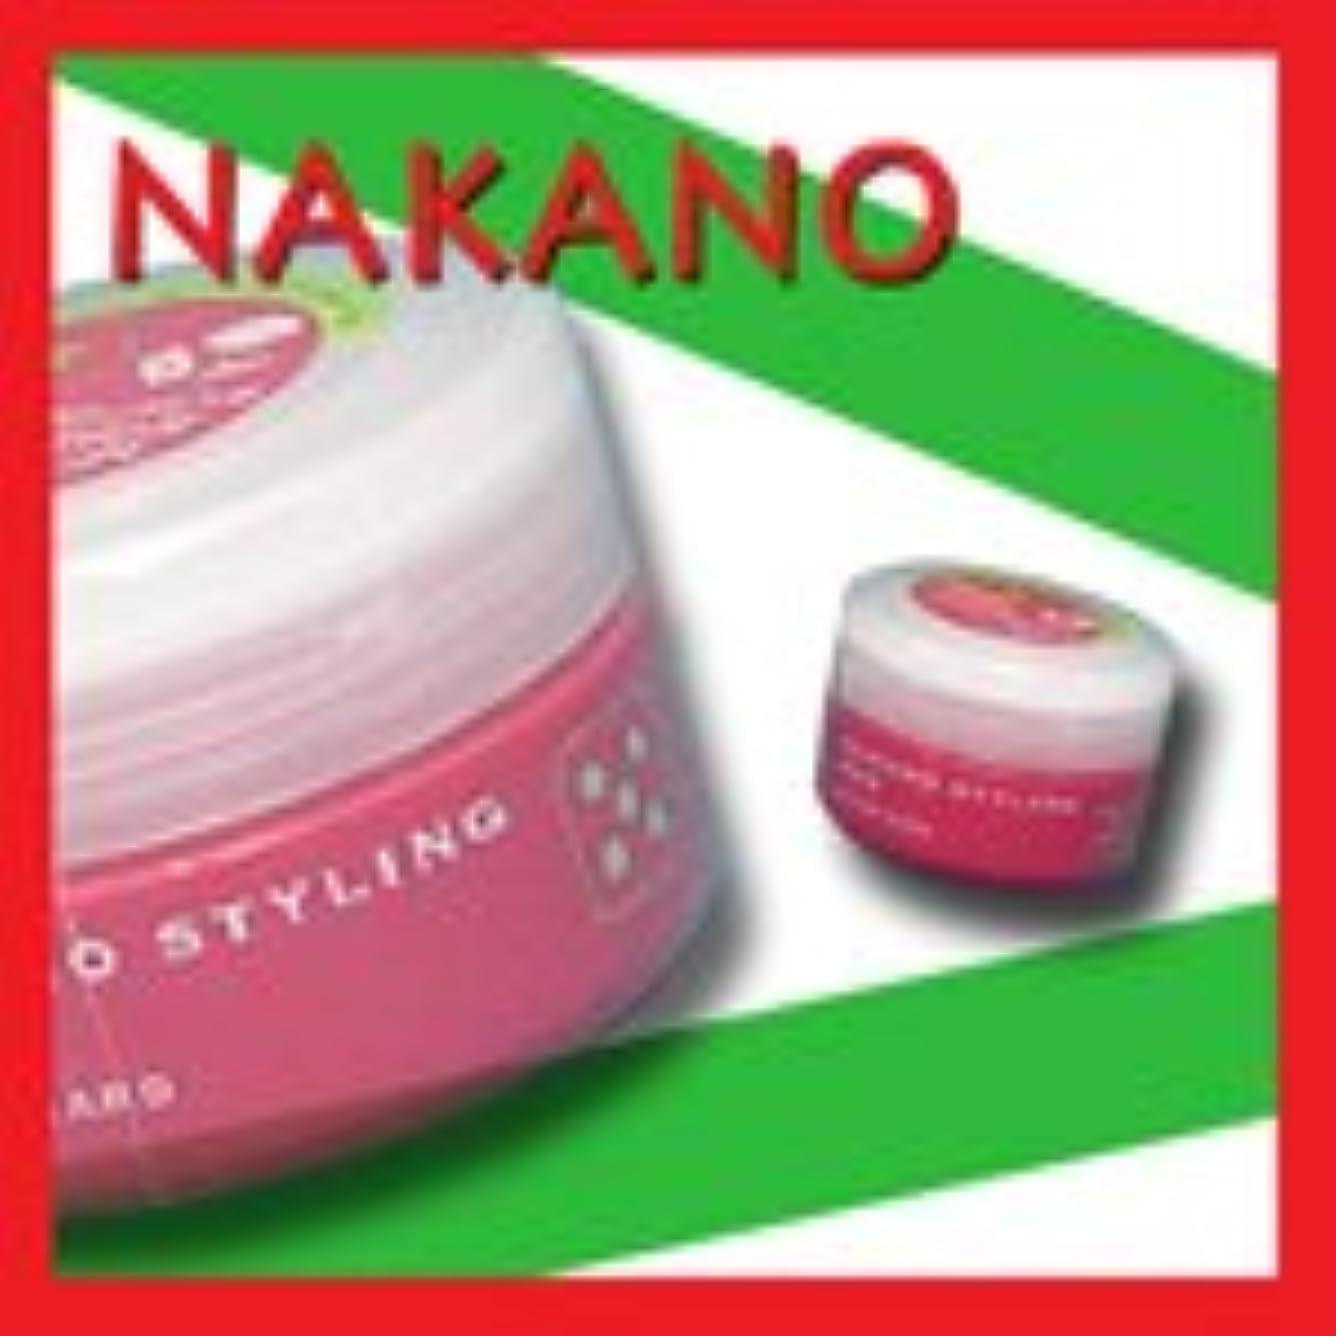 レーザ聡明カヌーNAKANO ナカノ WAX no5 (NAKANO ナカノ スタイリング ワックス)